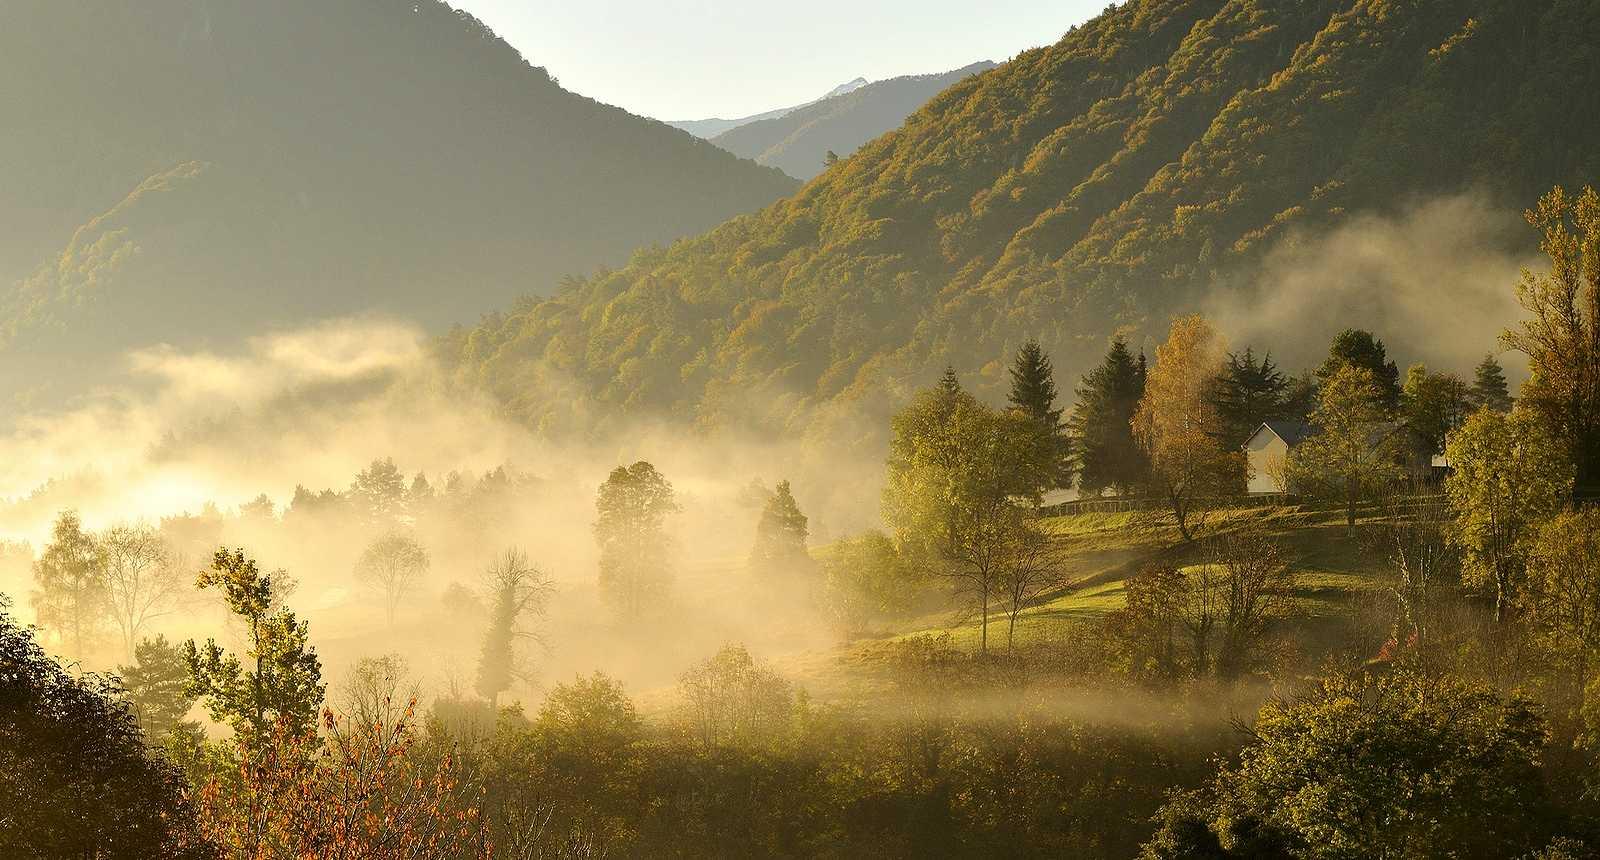 Brumes matinales aux alentours de la ville de Seix